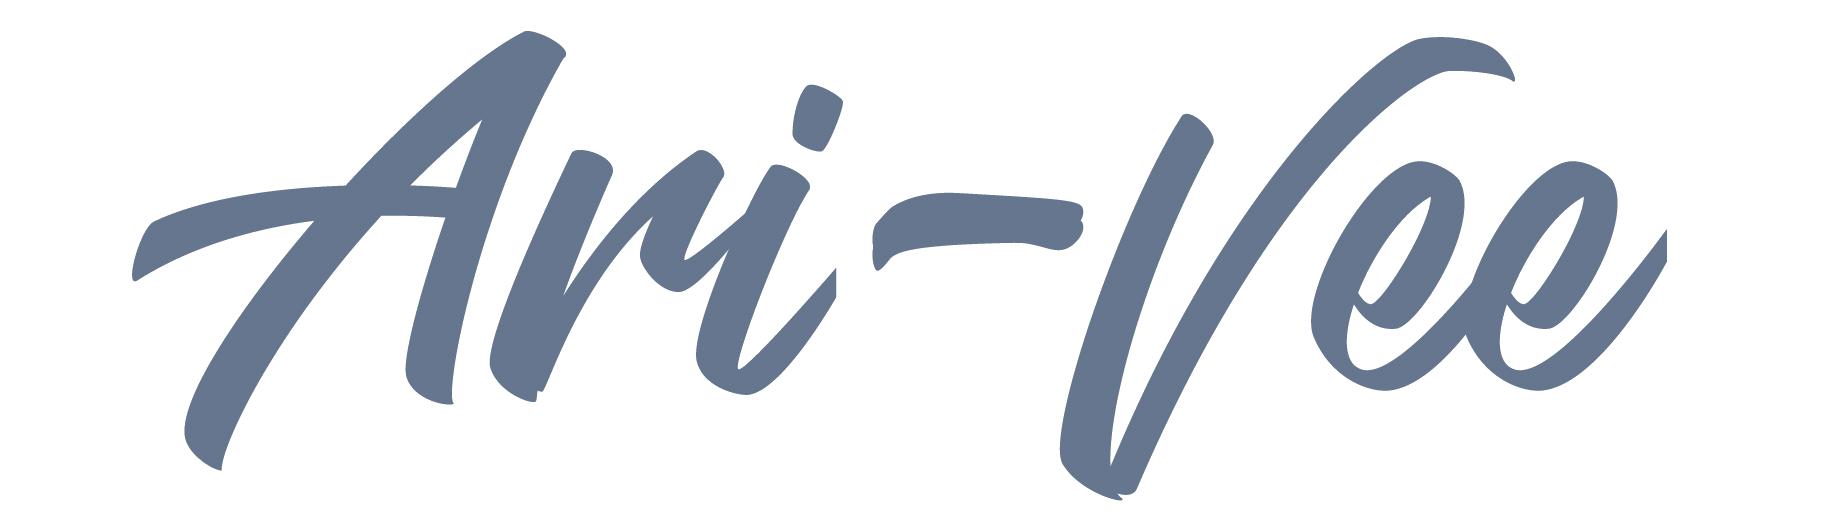 Ari-vee